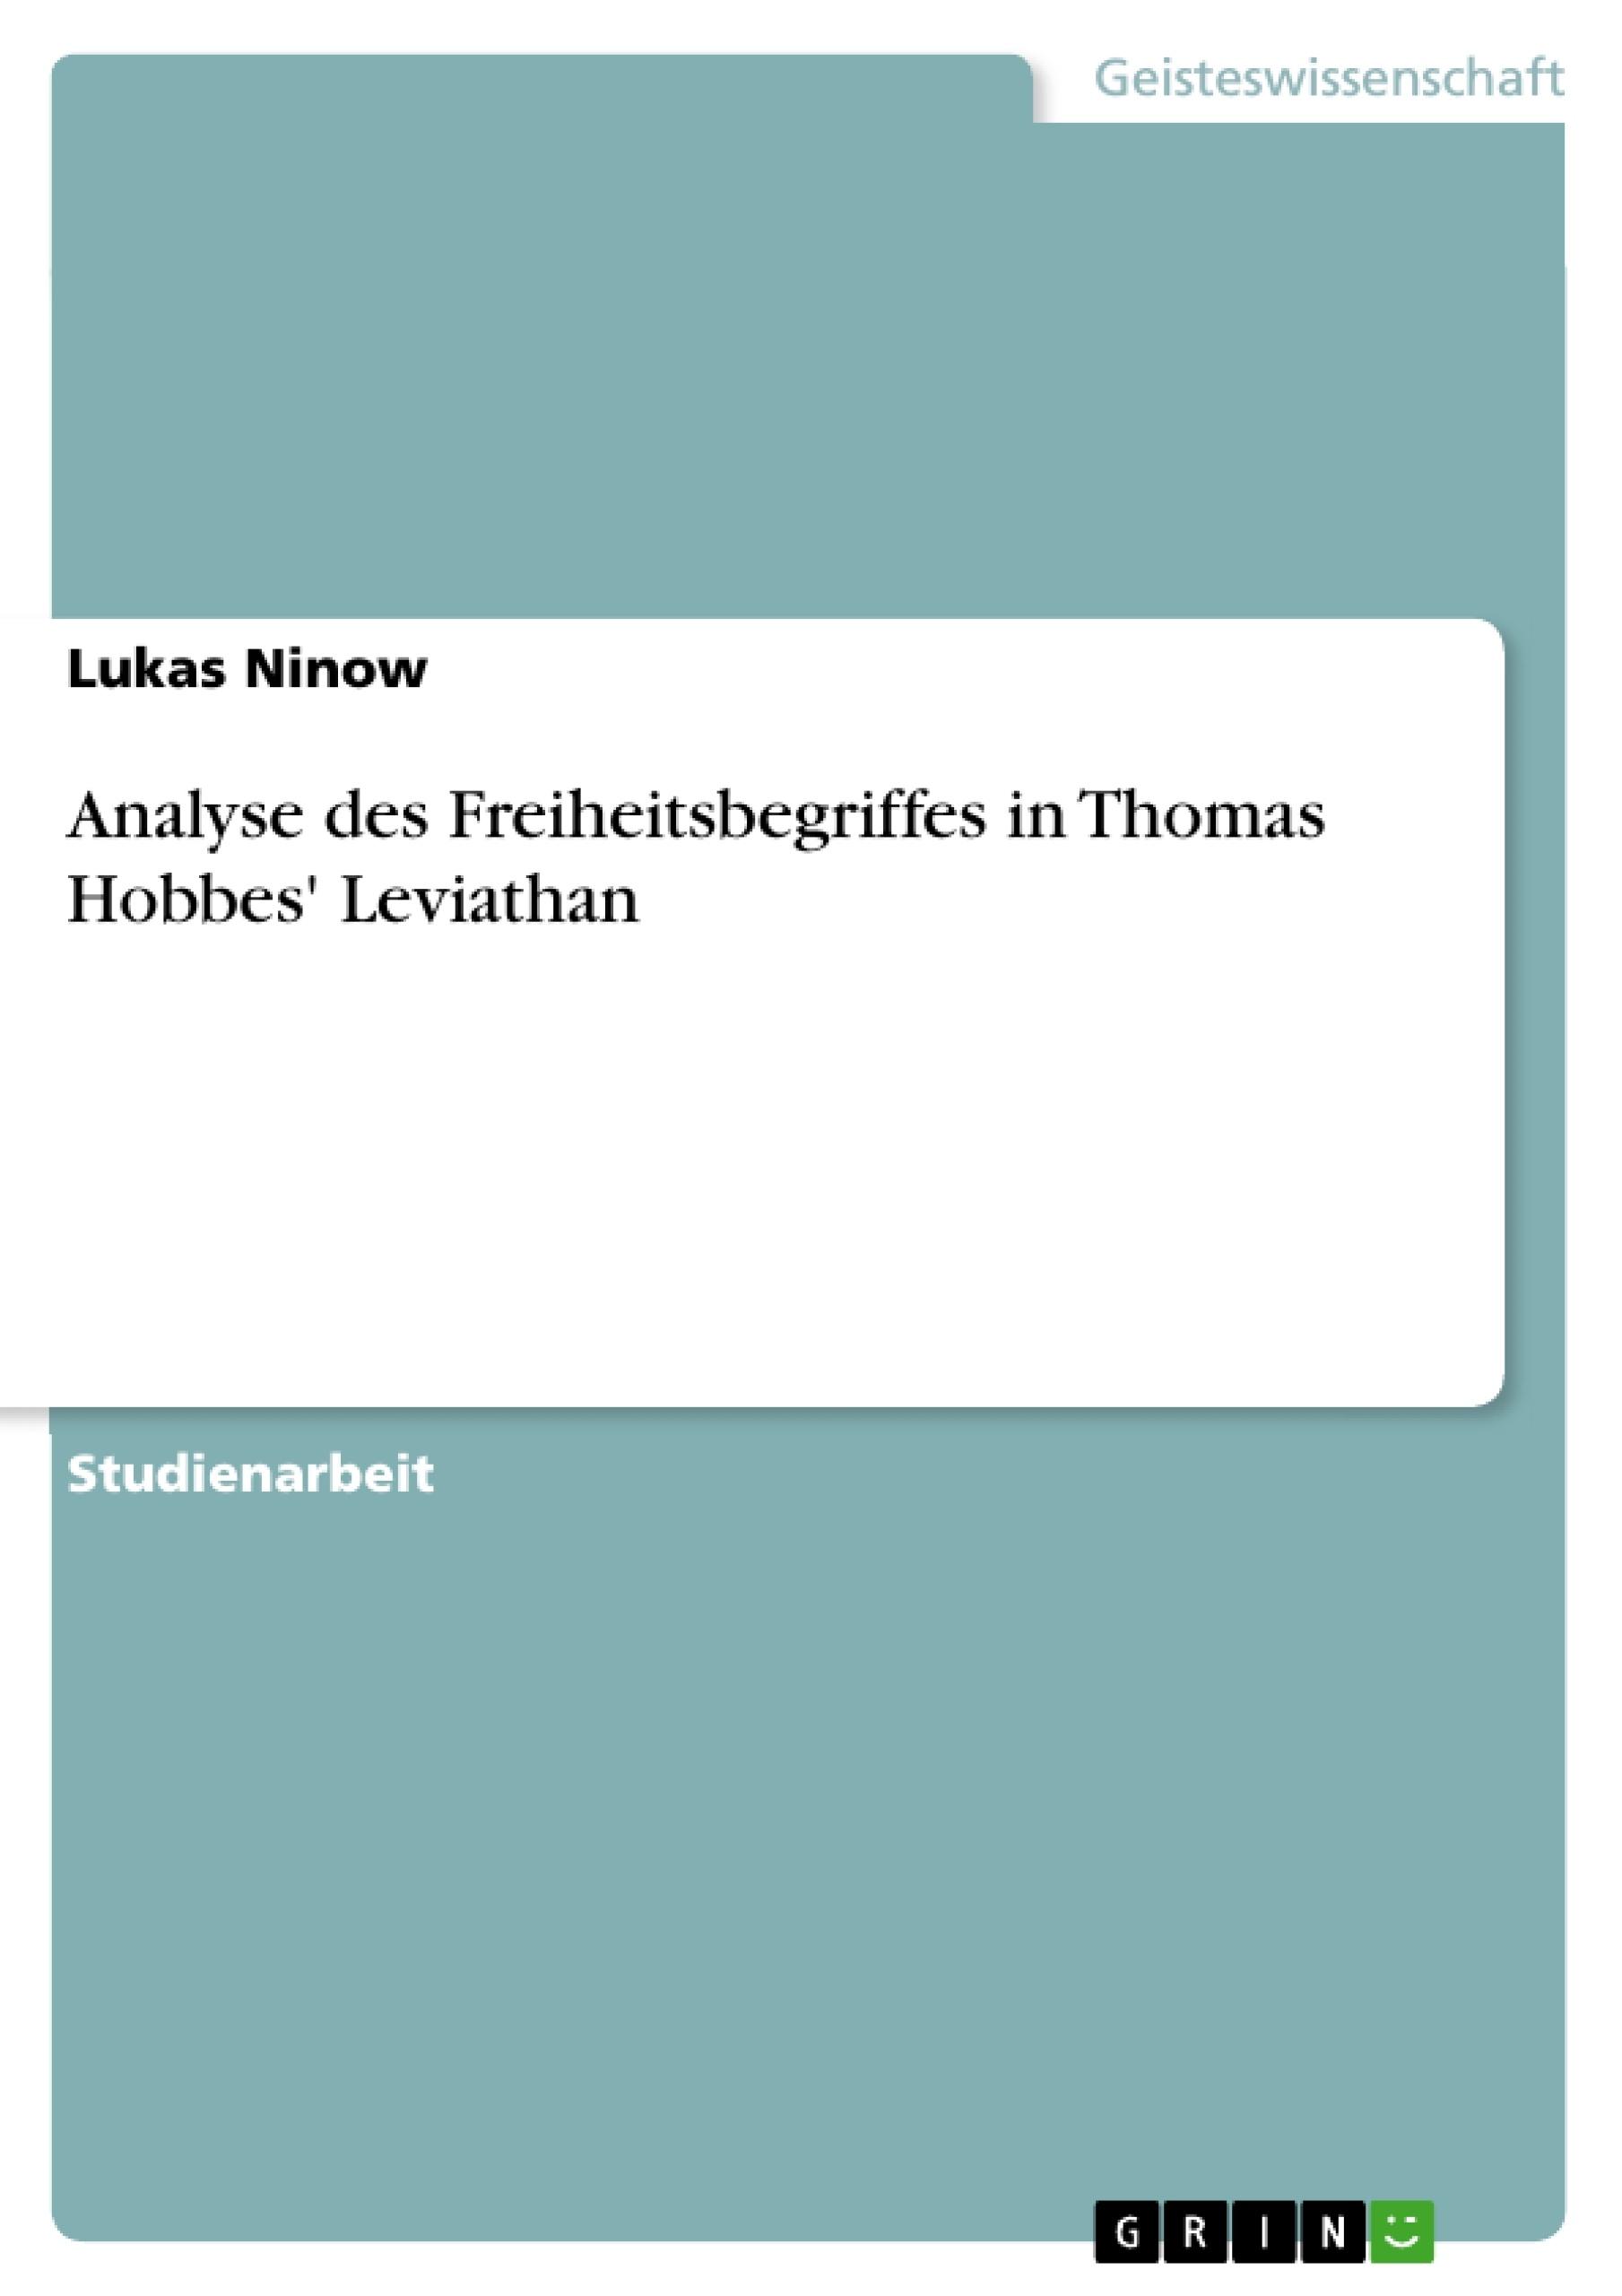 Titel: Analyse des Freiheitsbegriffes in Thomas Hobbes' Leviathan